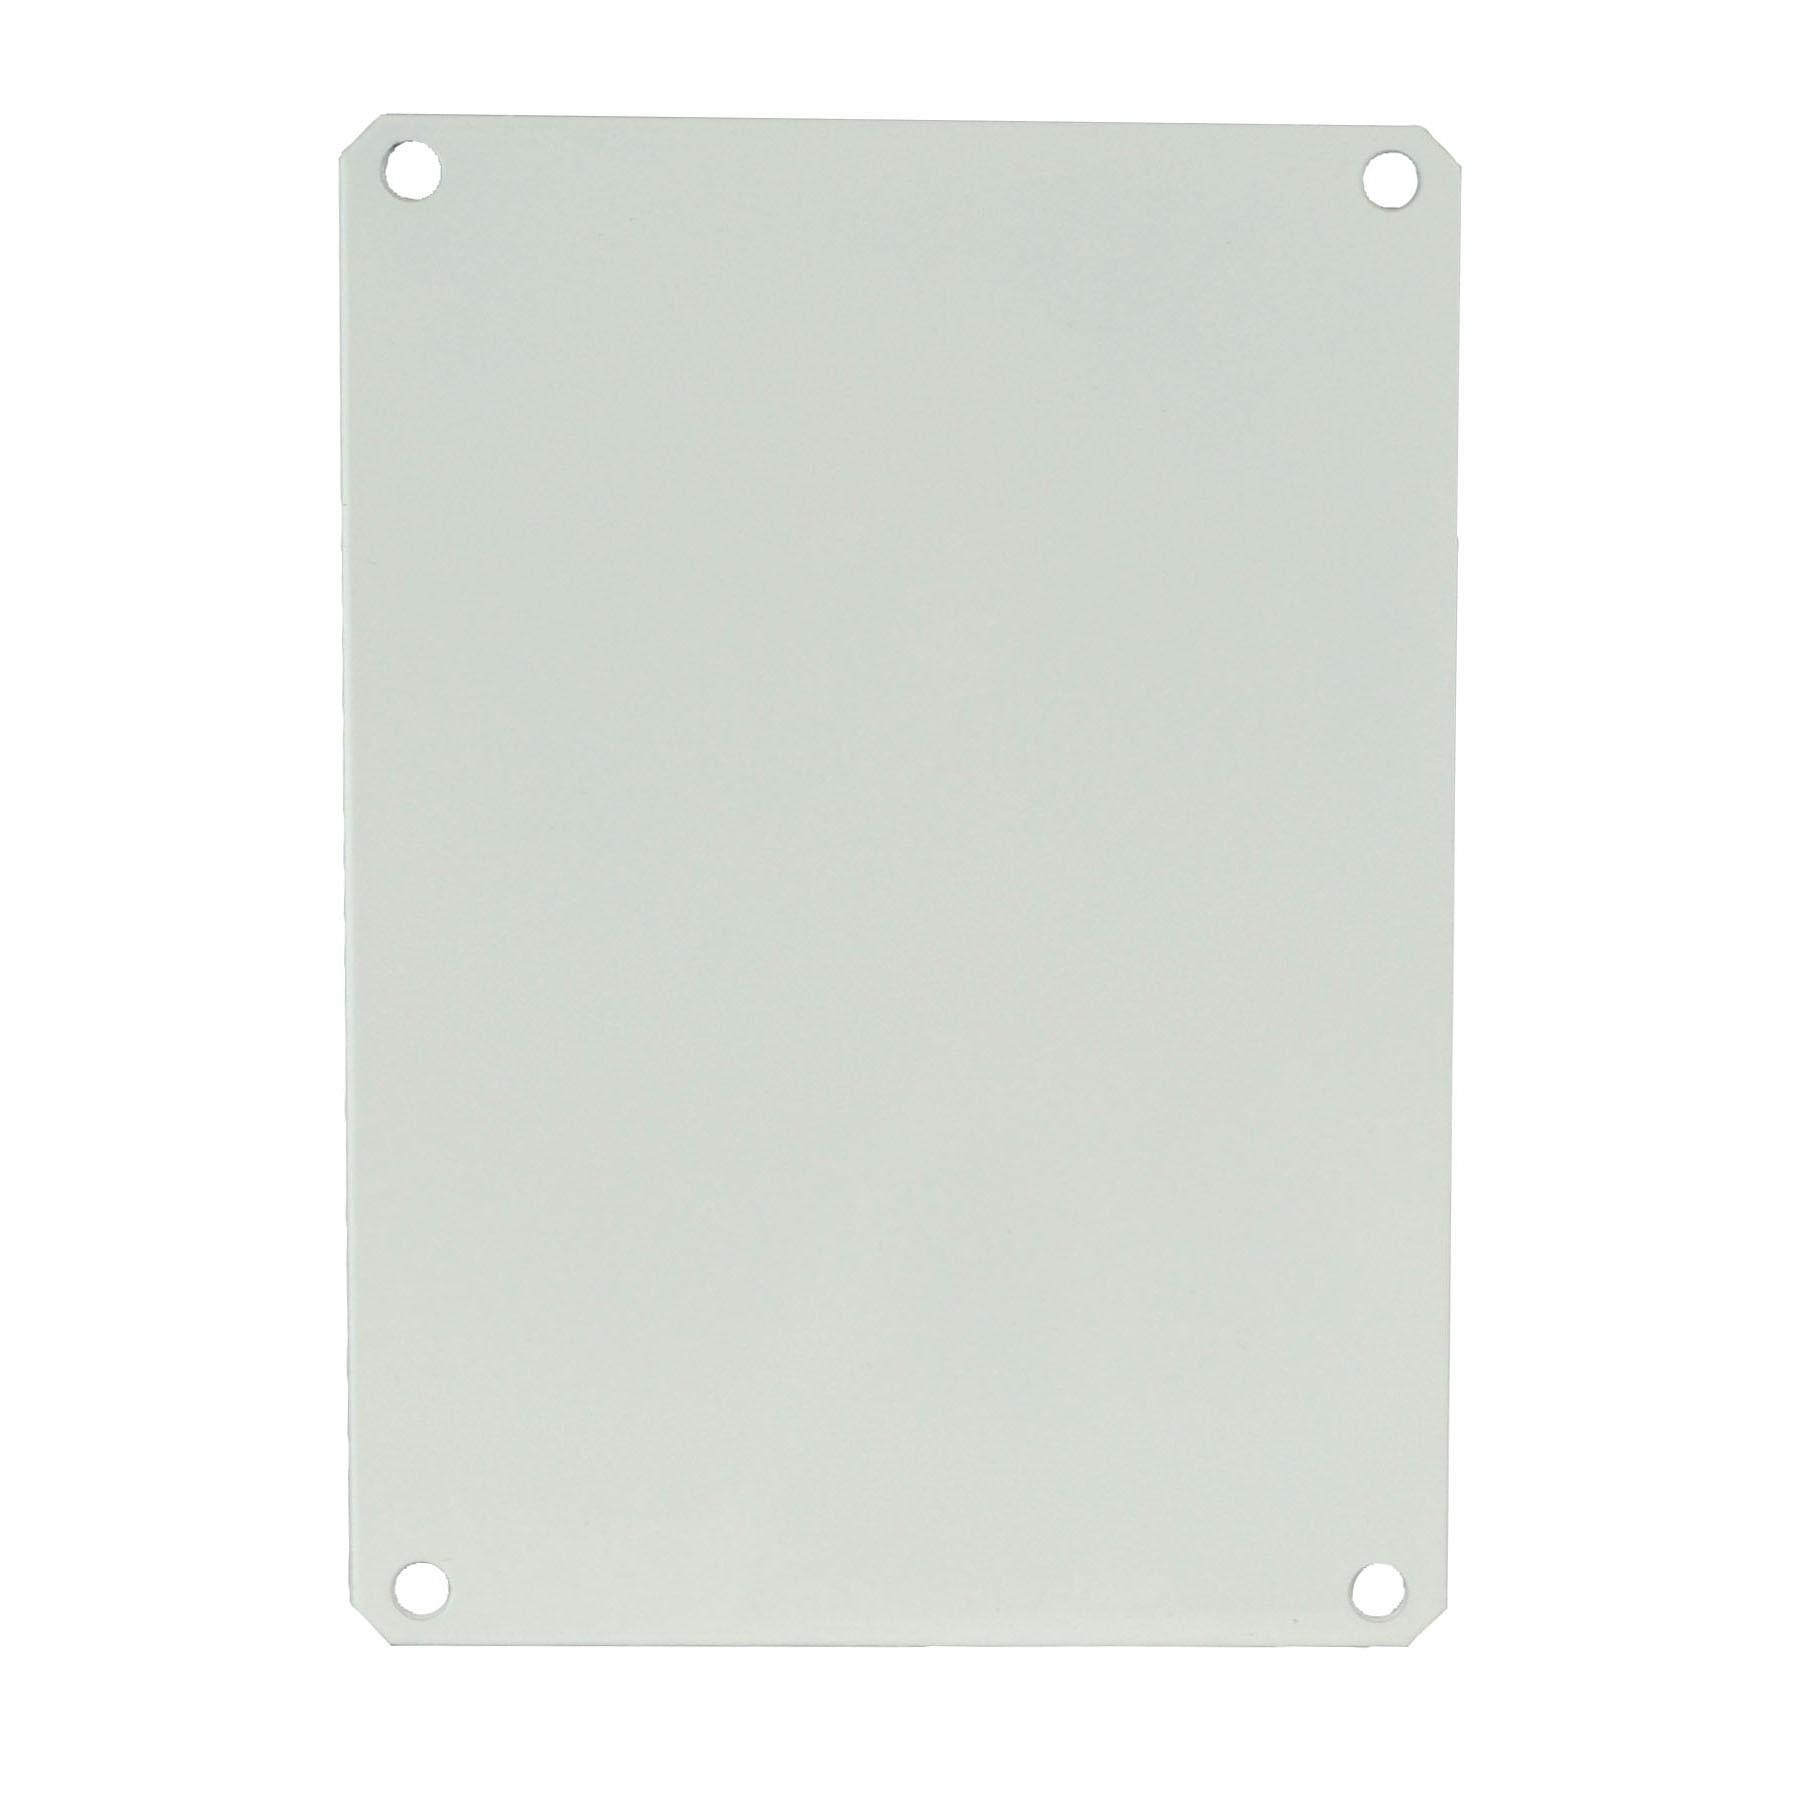 PL108 - Carbon Steel Enclosure Back Panel Kit